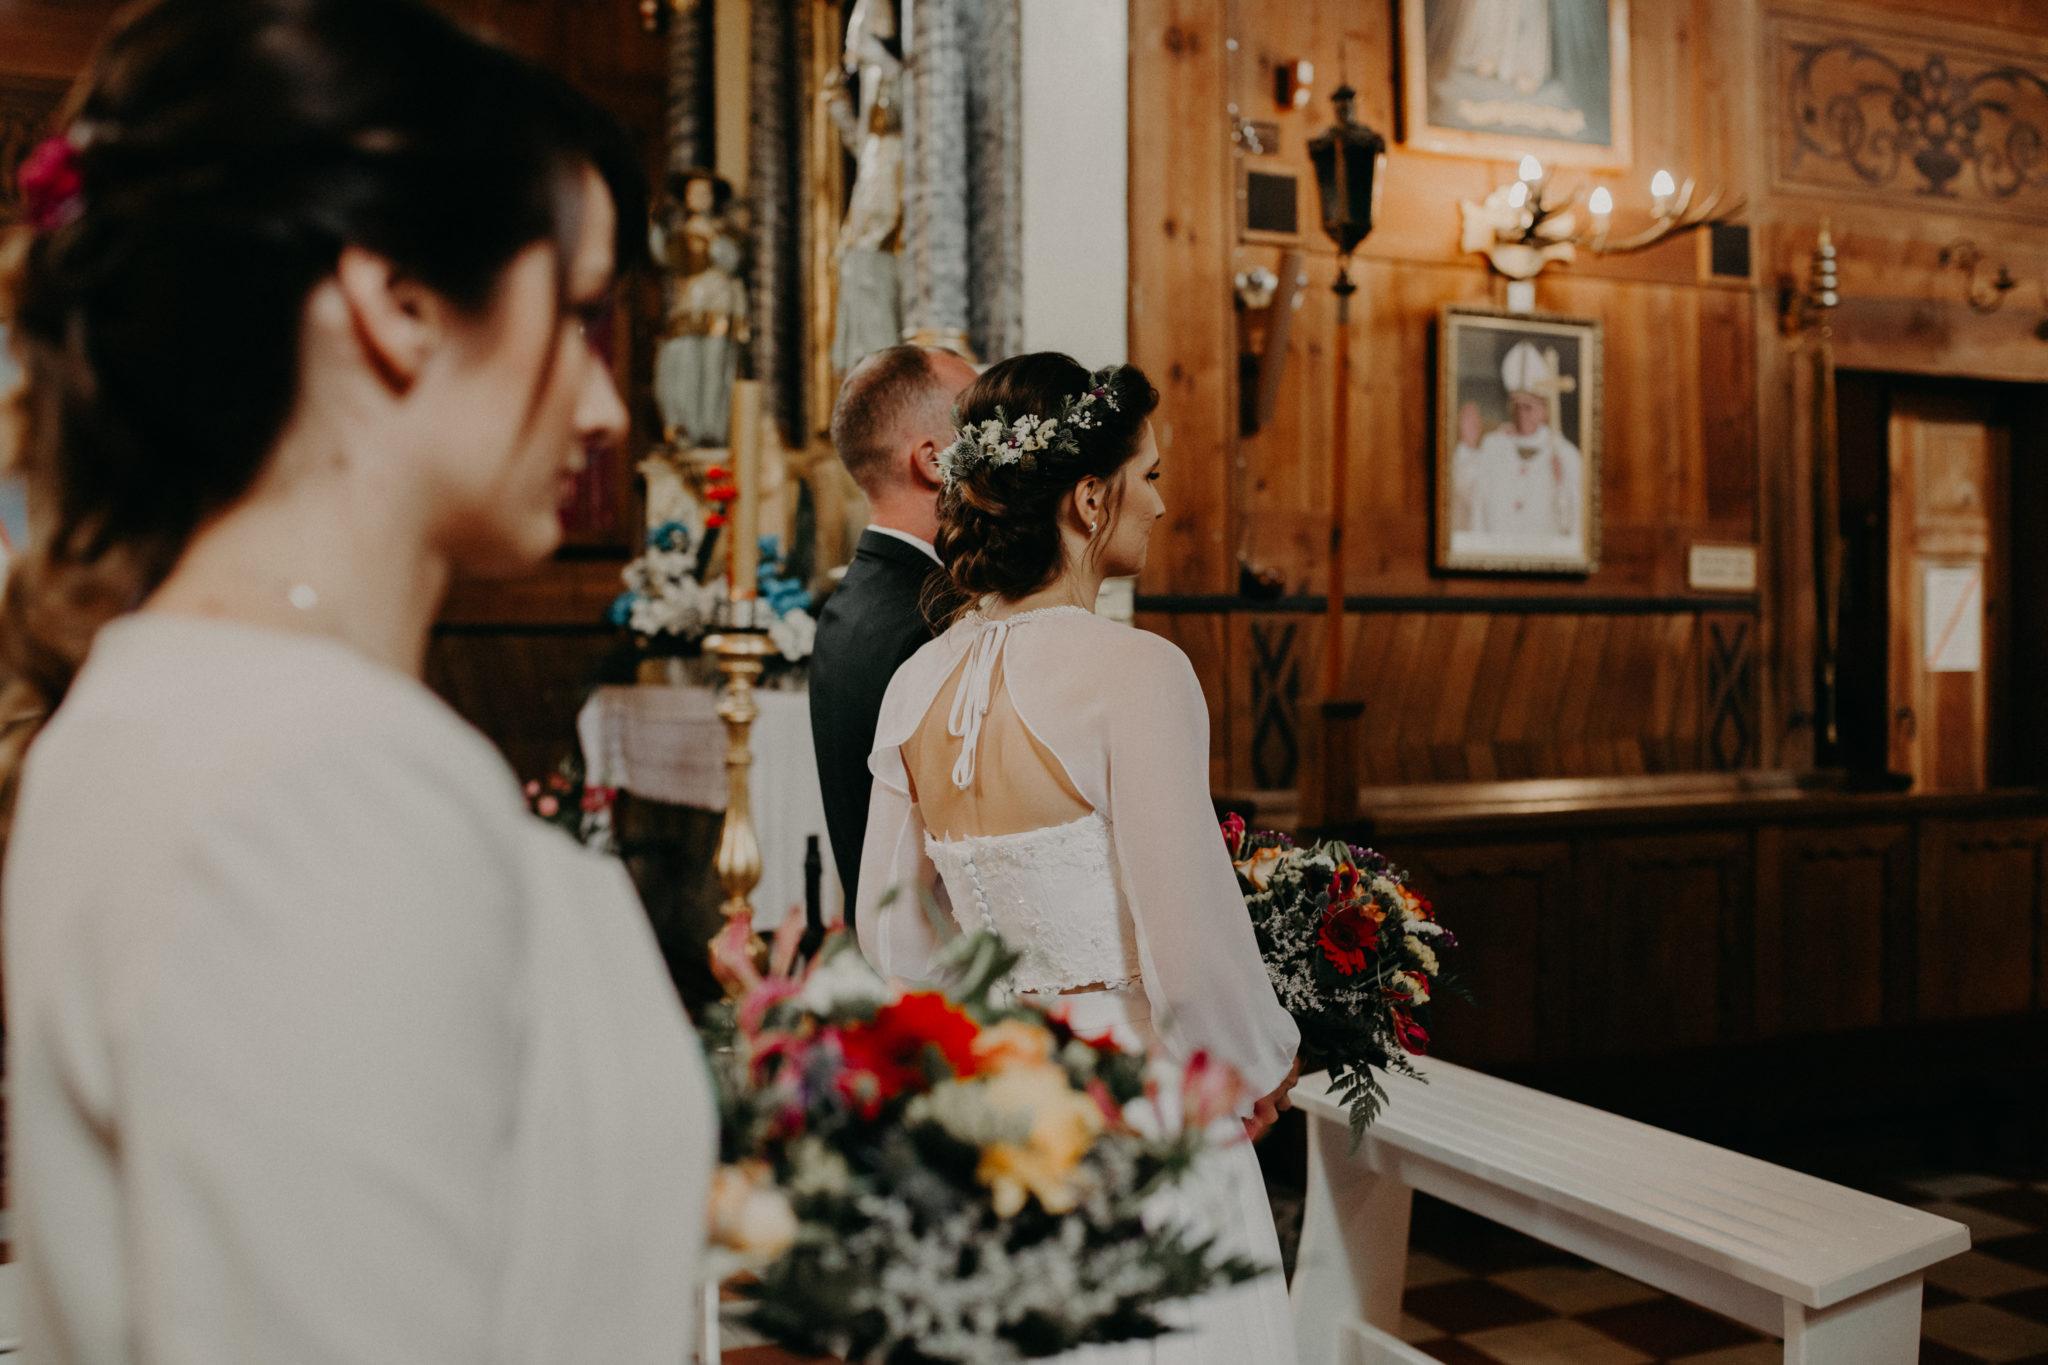 gosia i kuba46 1 - fotografiagk Fotografia ślubna RK wedding